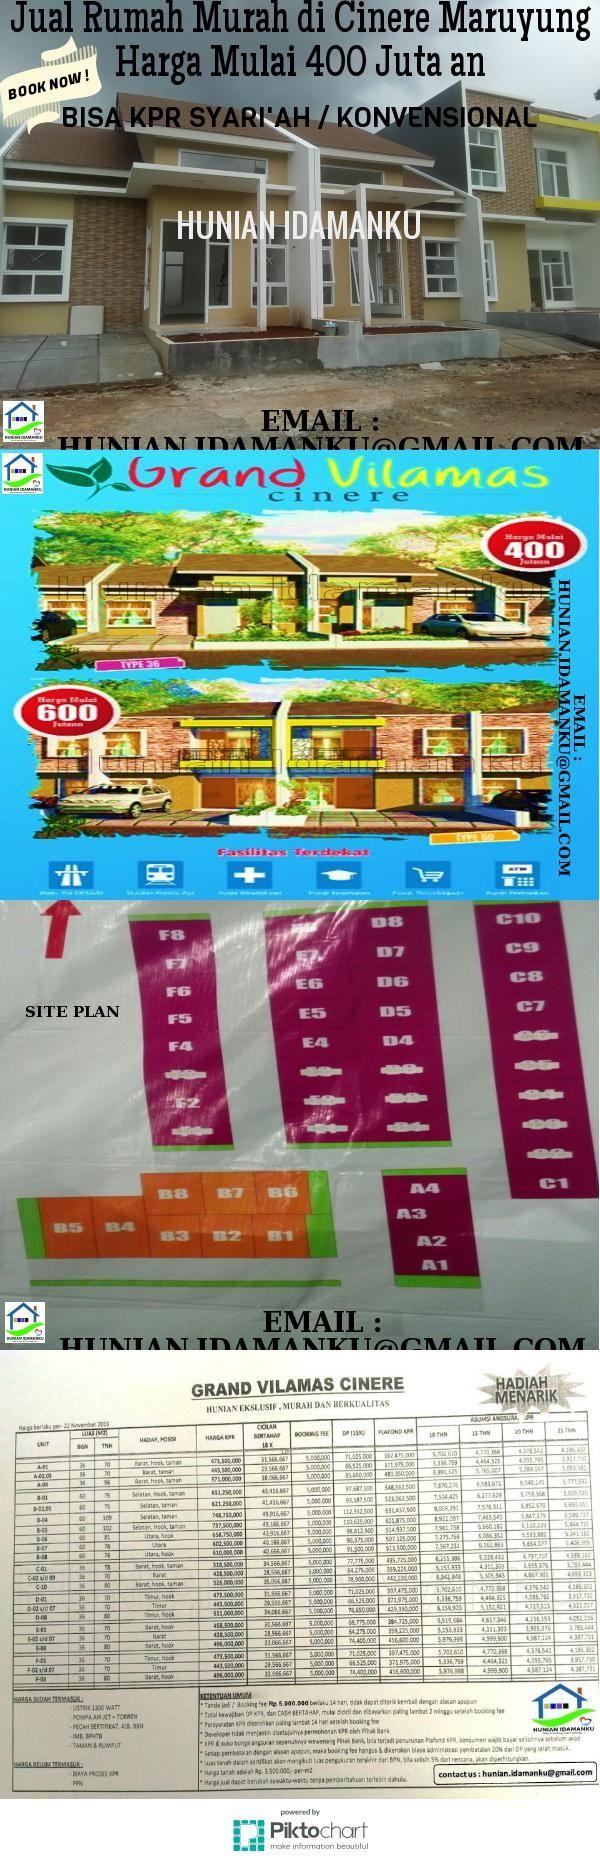 Dijual Rumah Cluster Murah Di Grand Vilamas Cinere Maruyung   youtu.be/YEMueiKvWoo?a